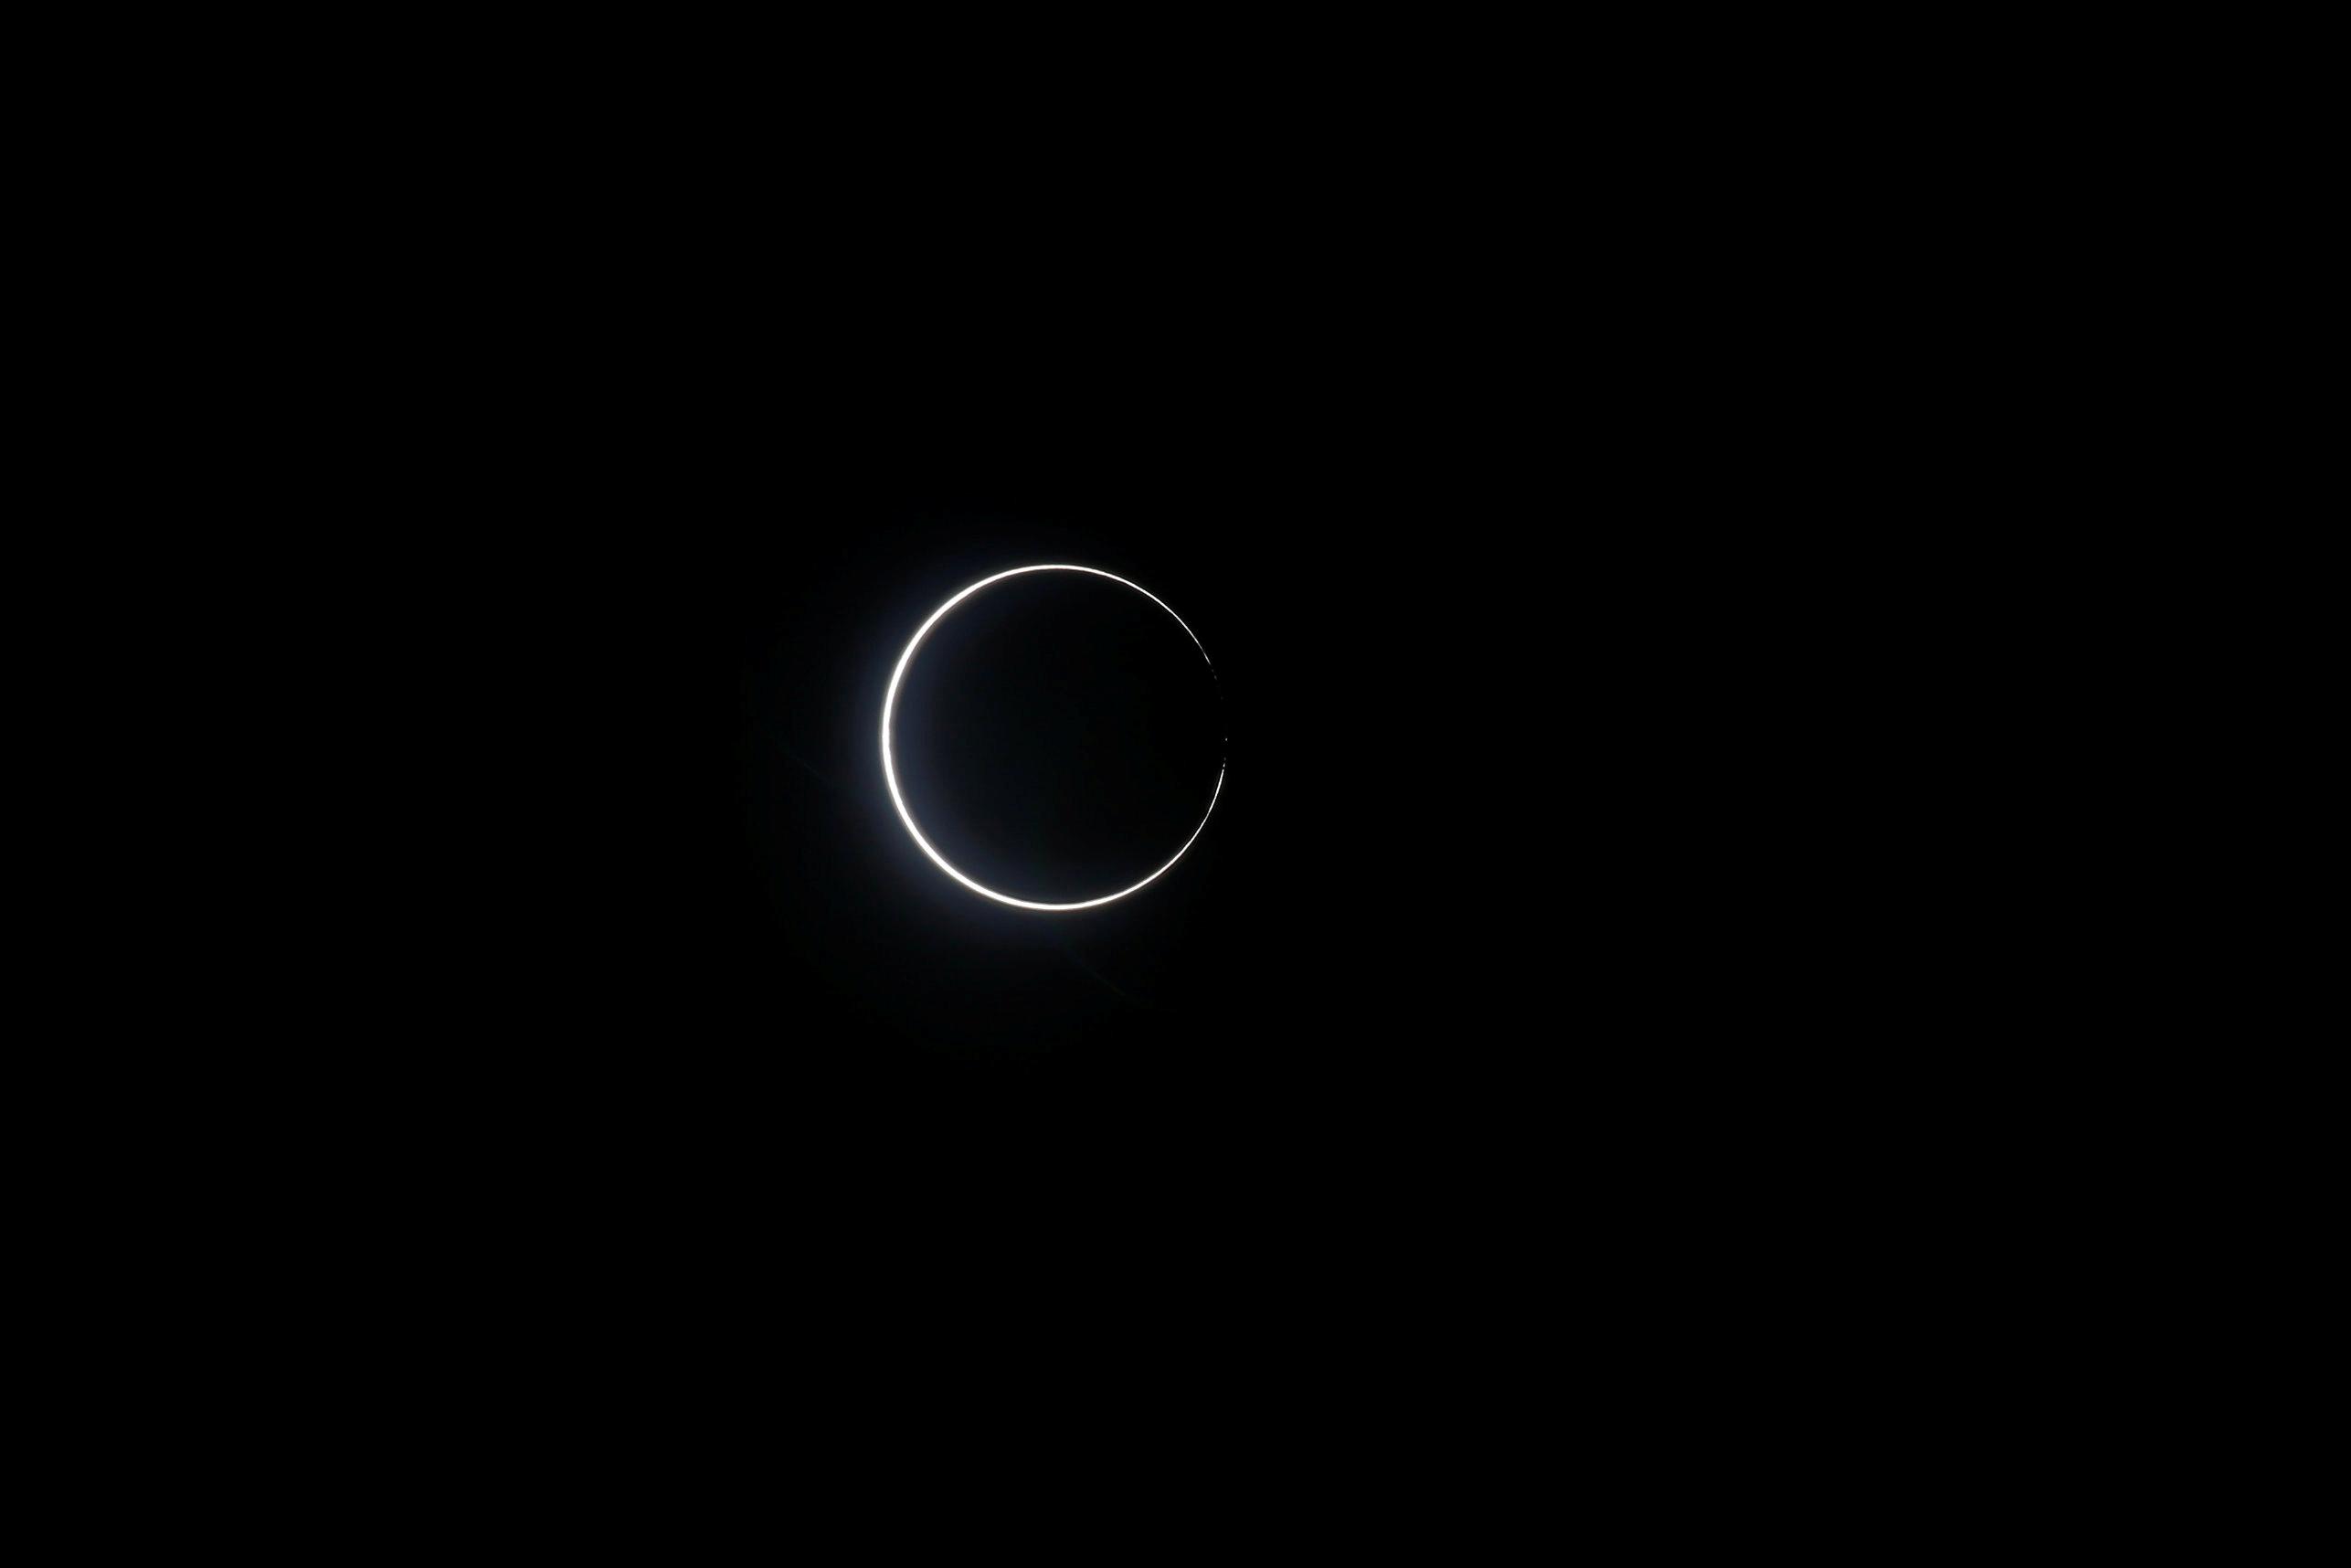 El eclipse casi total, desde Taiwán